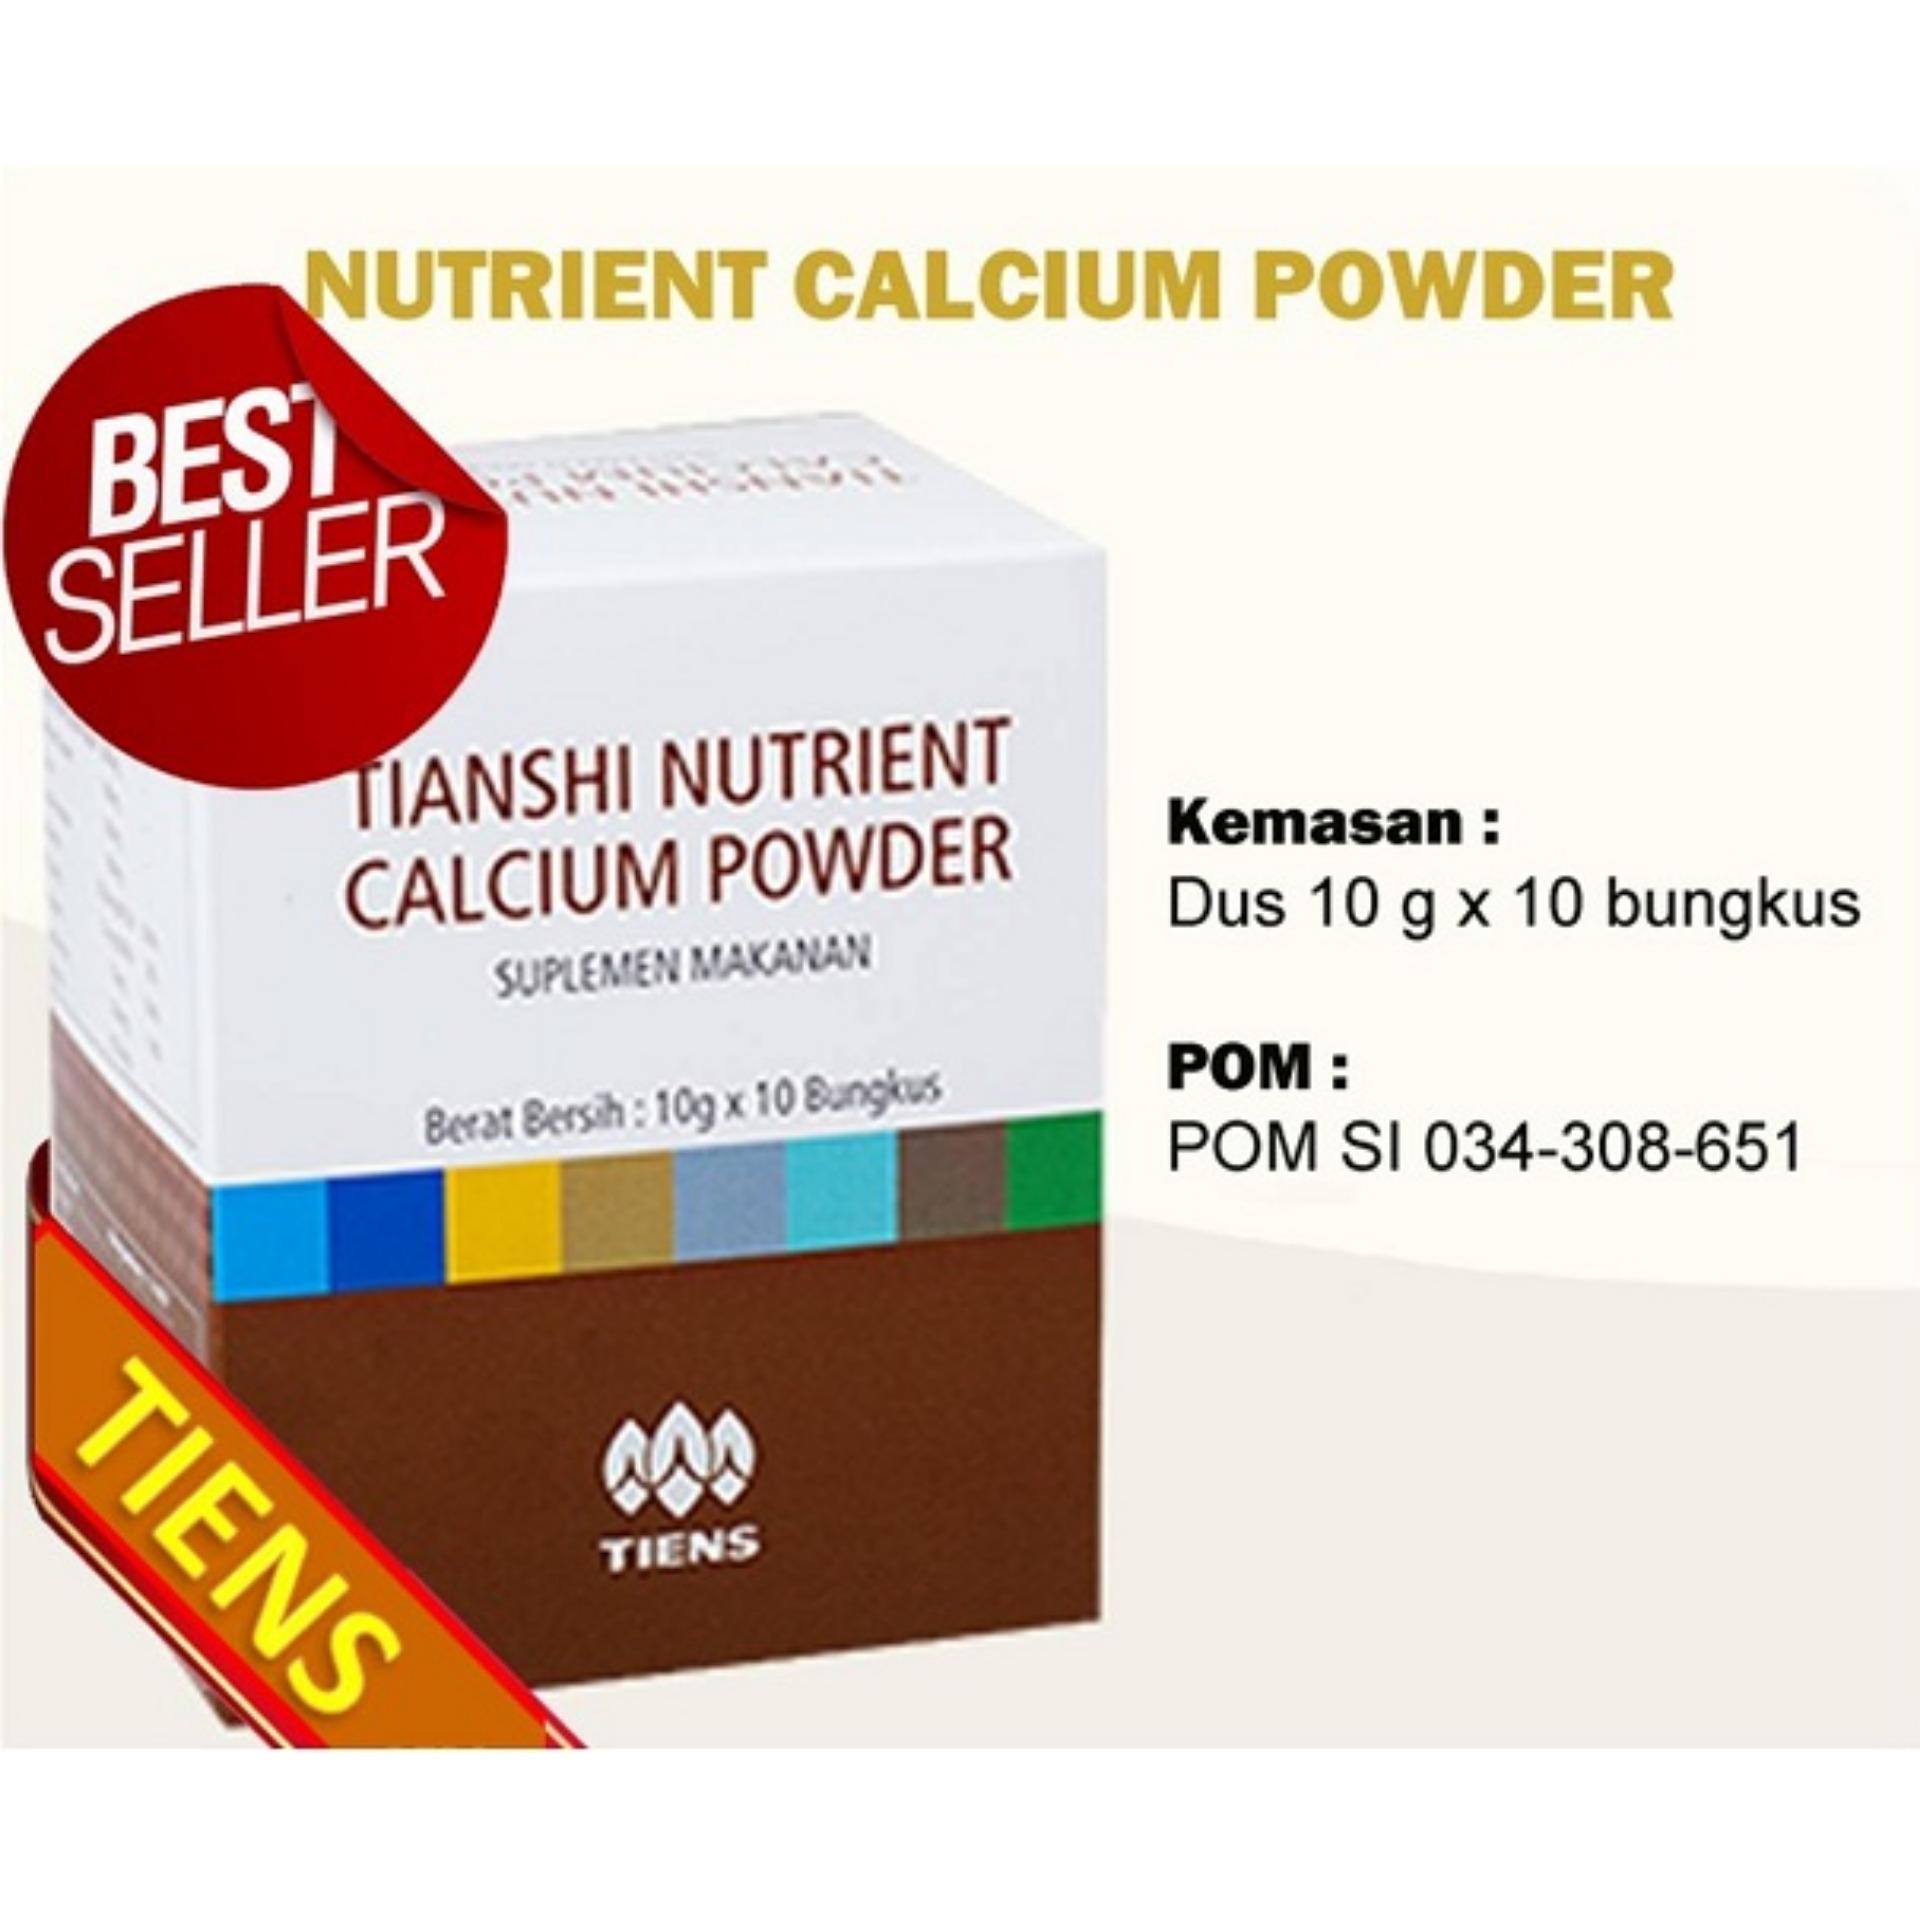 Cheap online Tiens Nutrient Calcium Powder - 100g Tianshi Nutrient Super Calcium